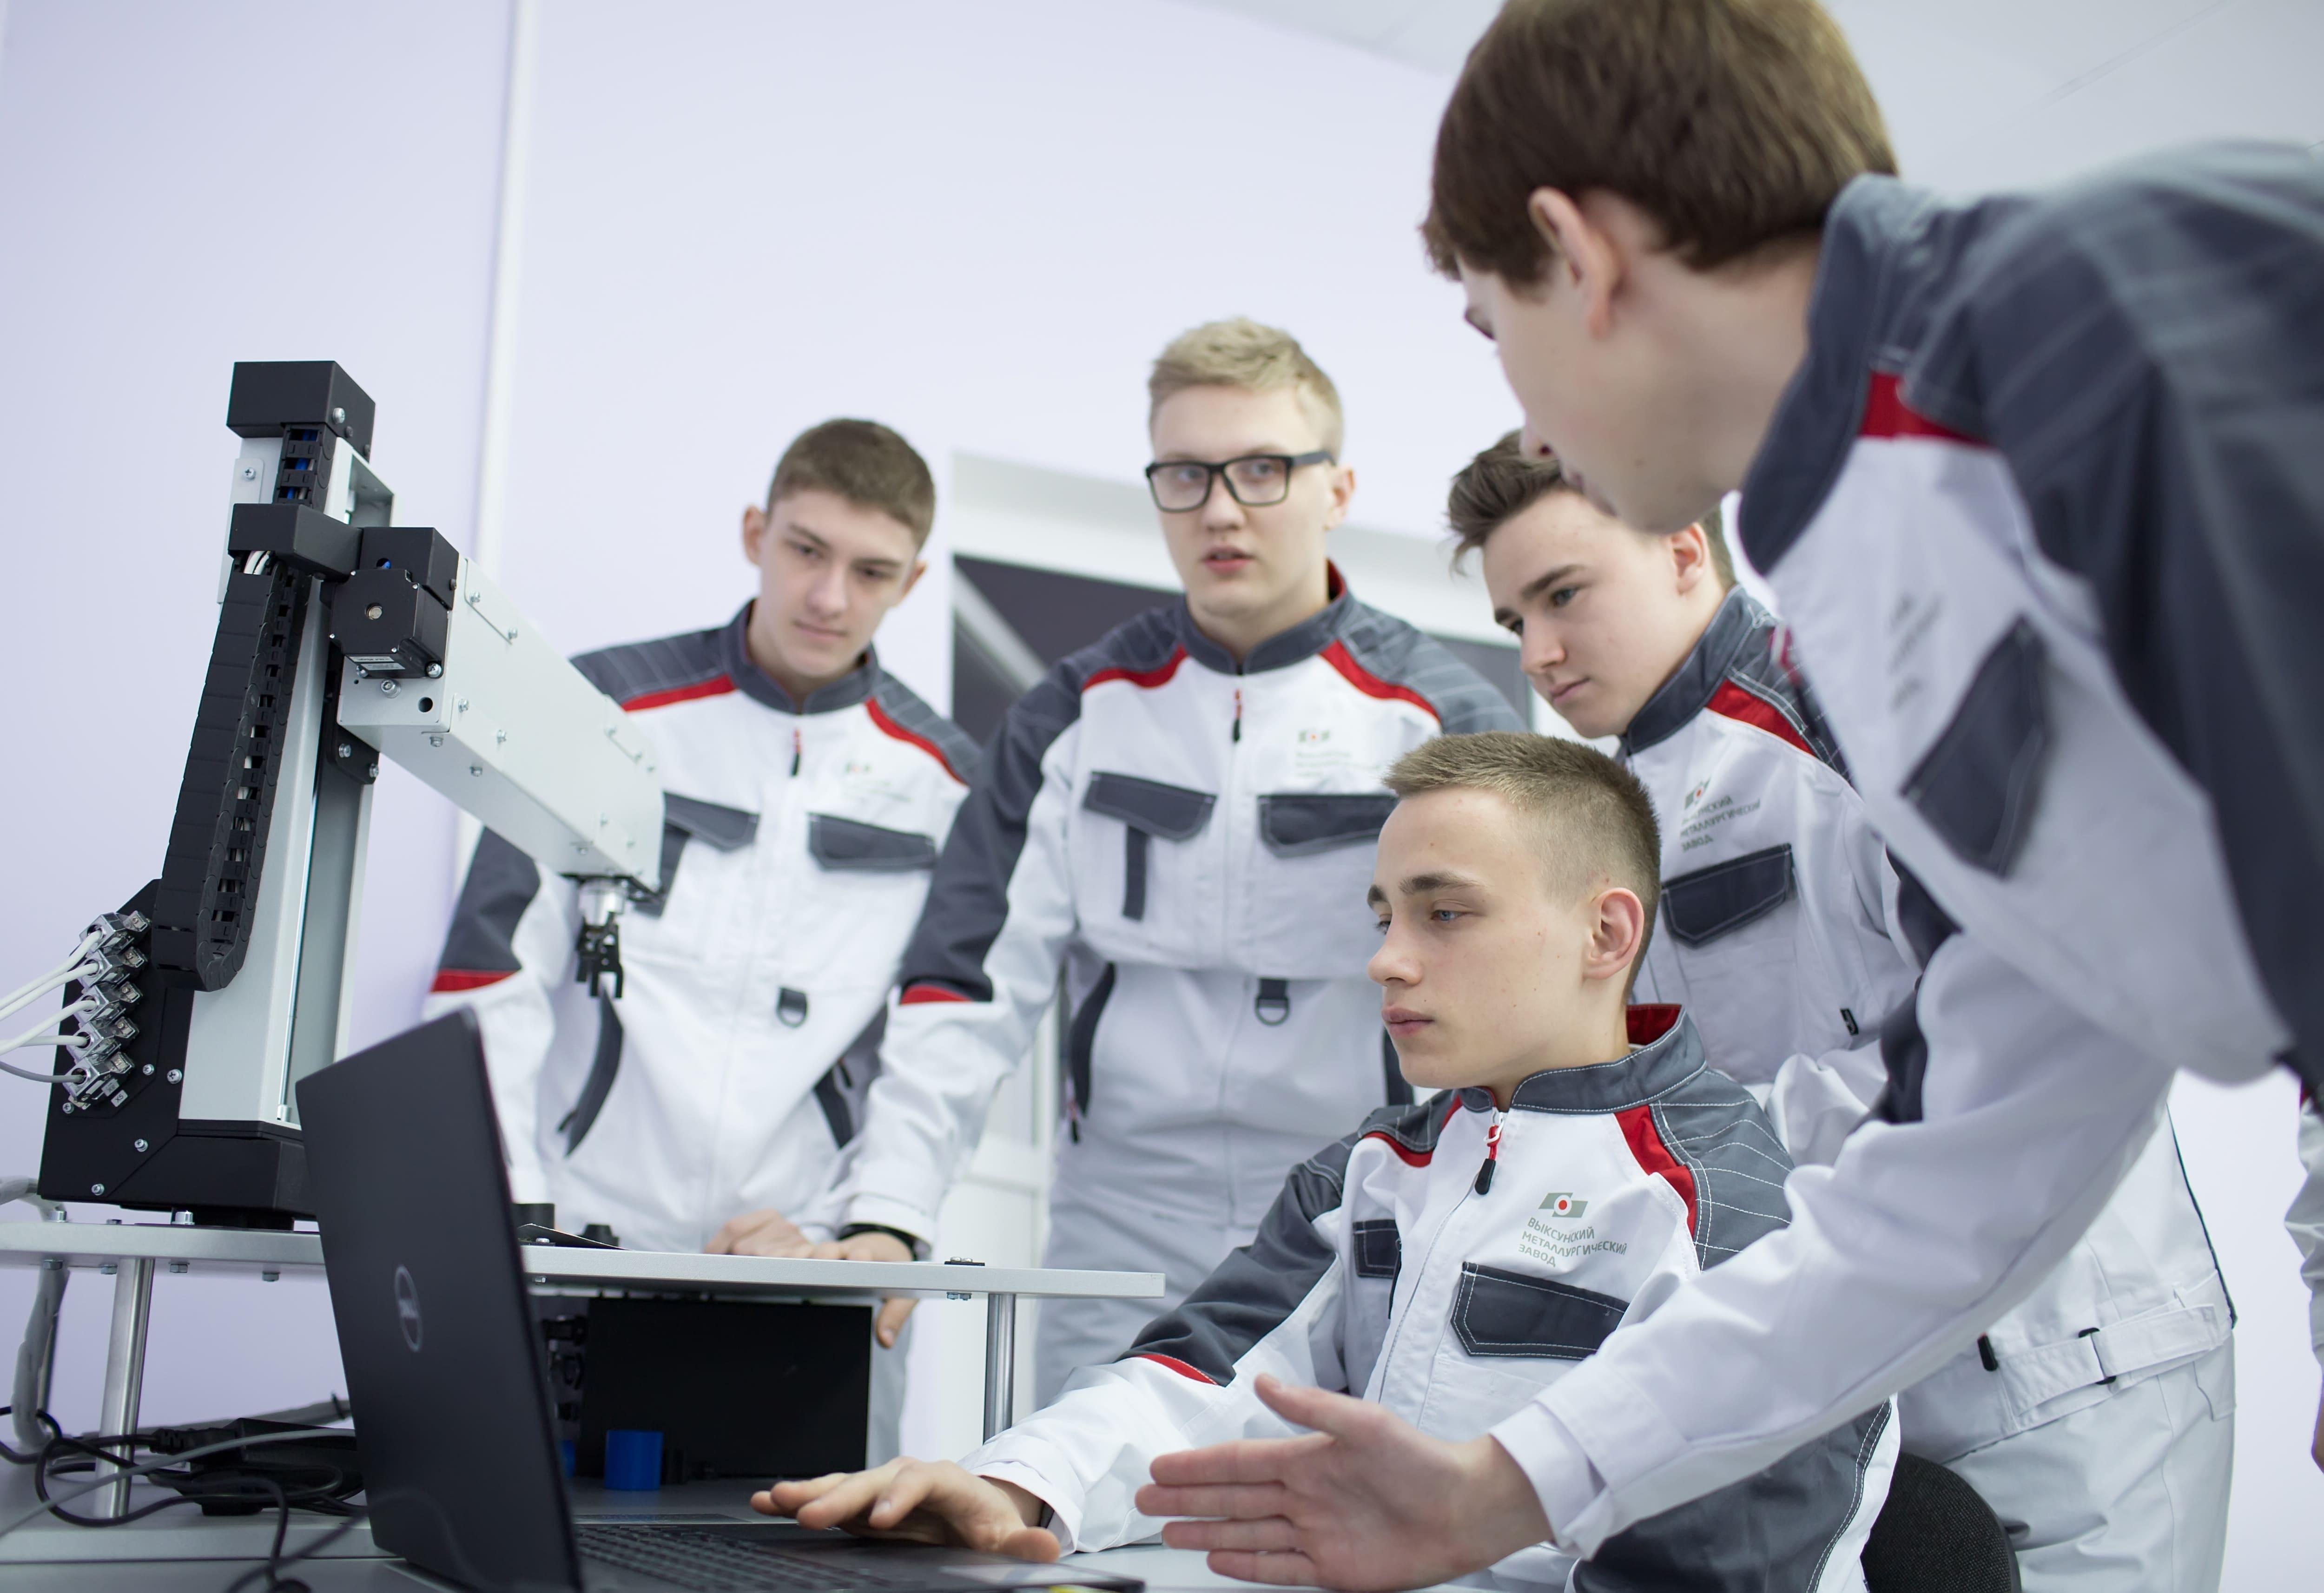 ОМК объявляет о строительстве корпоративного университета в Нижегородской области